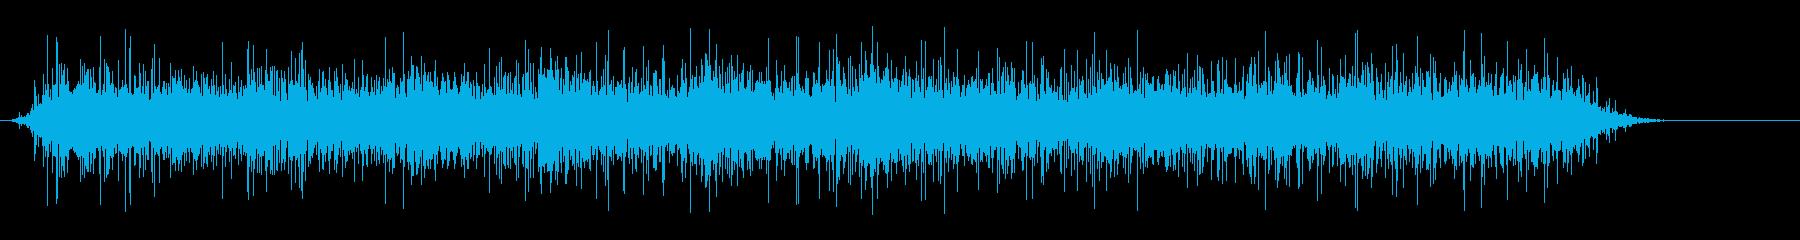 花火と賑やかな声の再生済みの波形